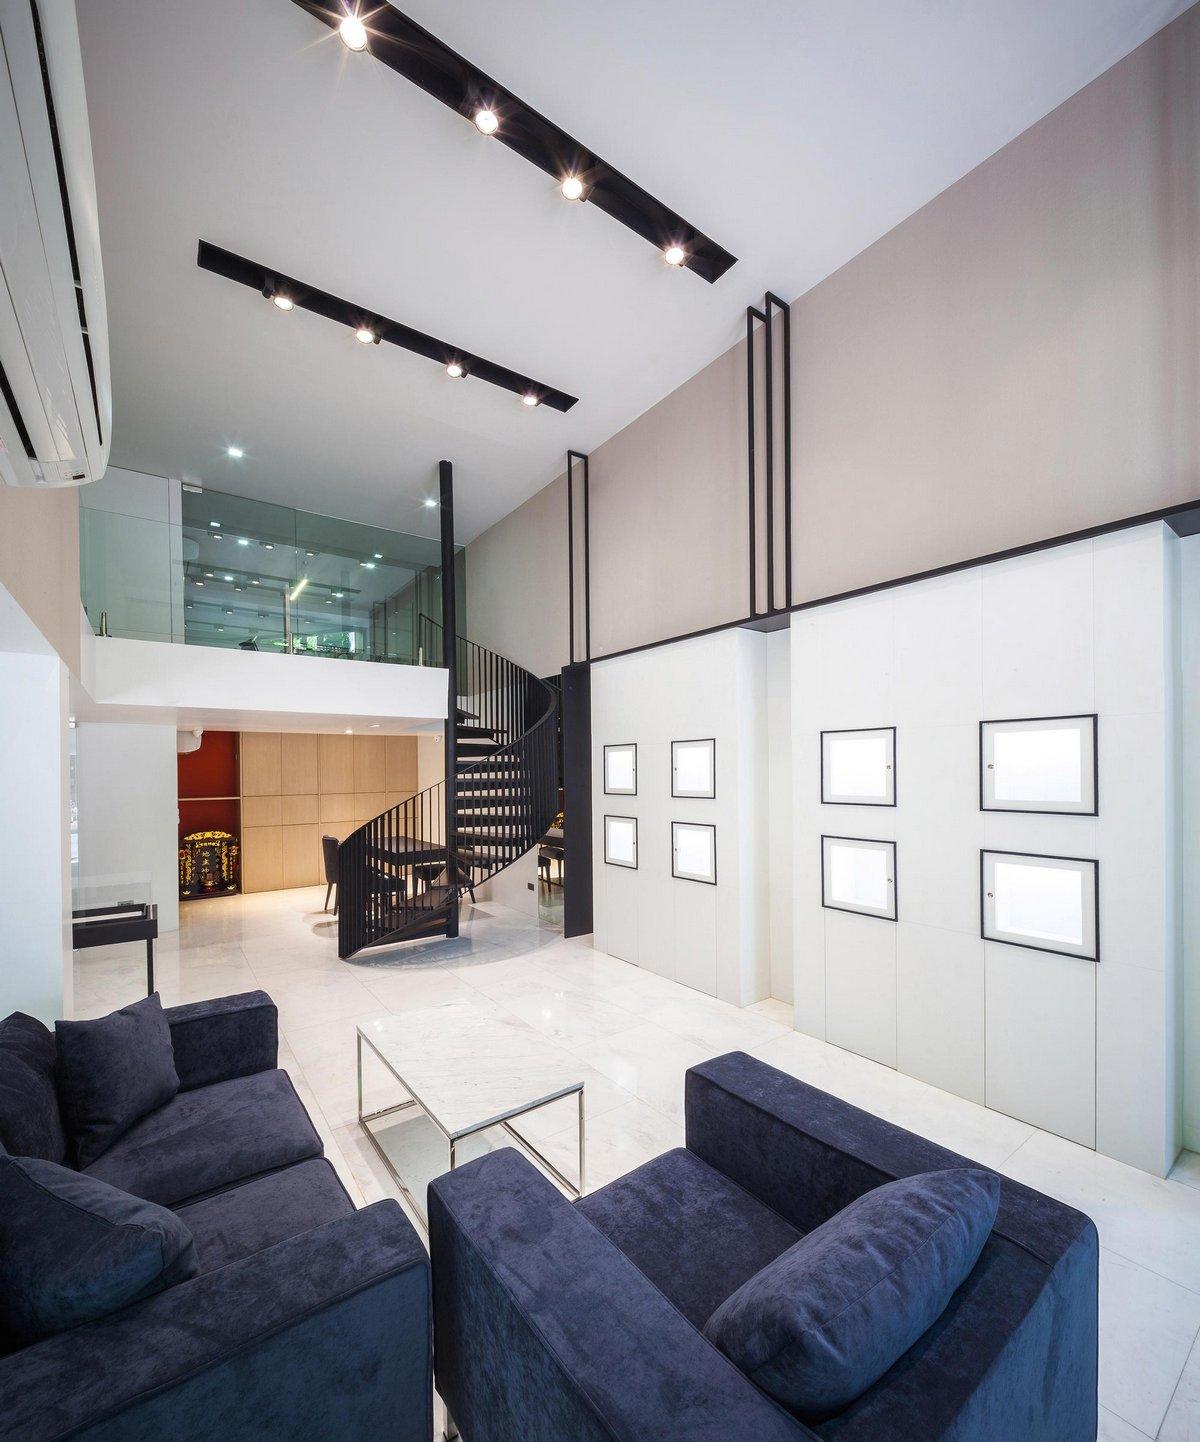 IDIN Architects, Siri House, современный дизайн интерьера, стеклянные стены, винтовая лестница, деревянные полы в частном доме